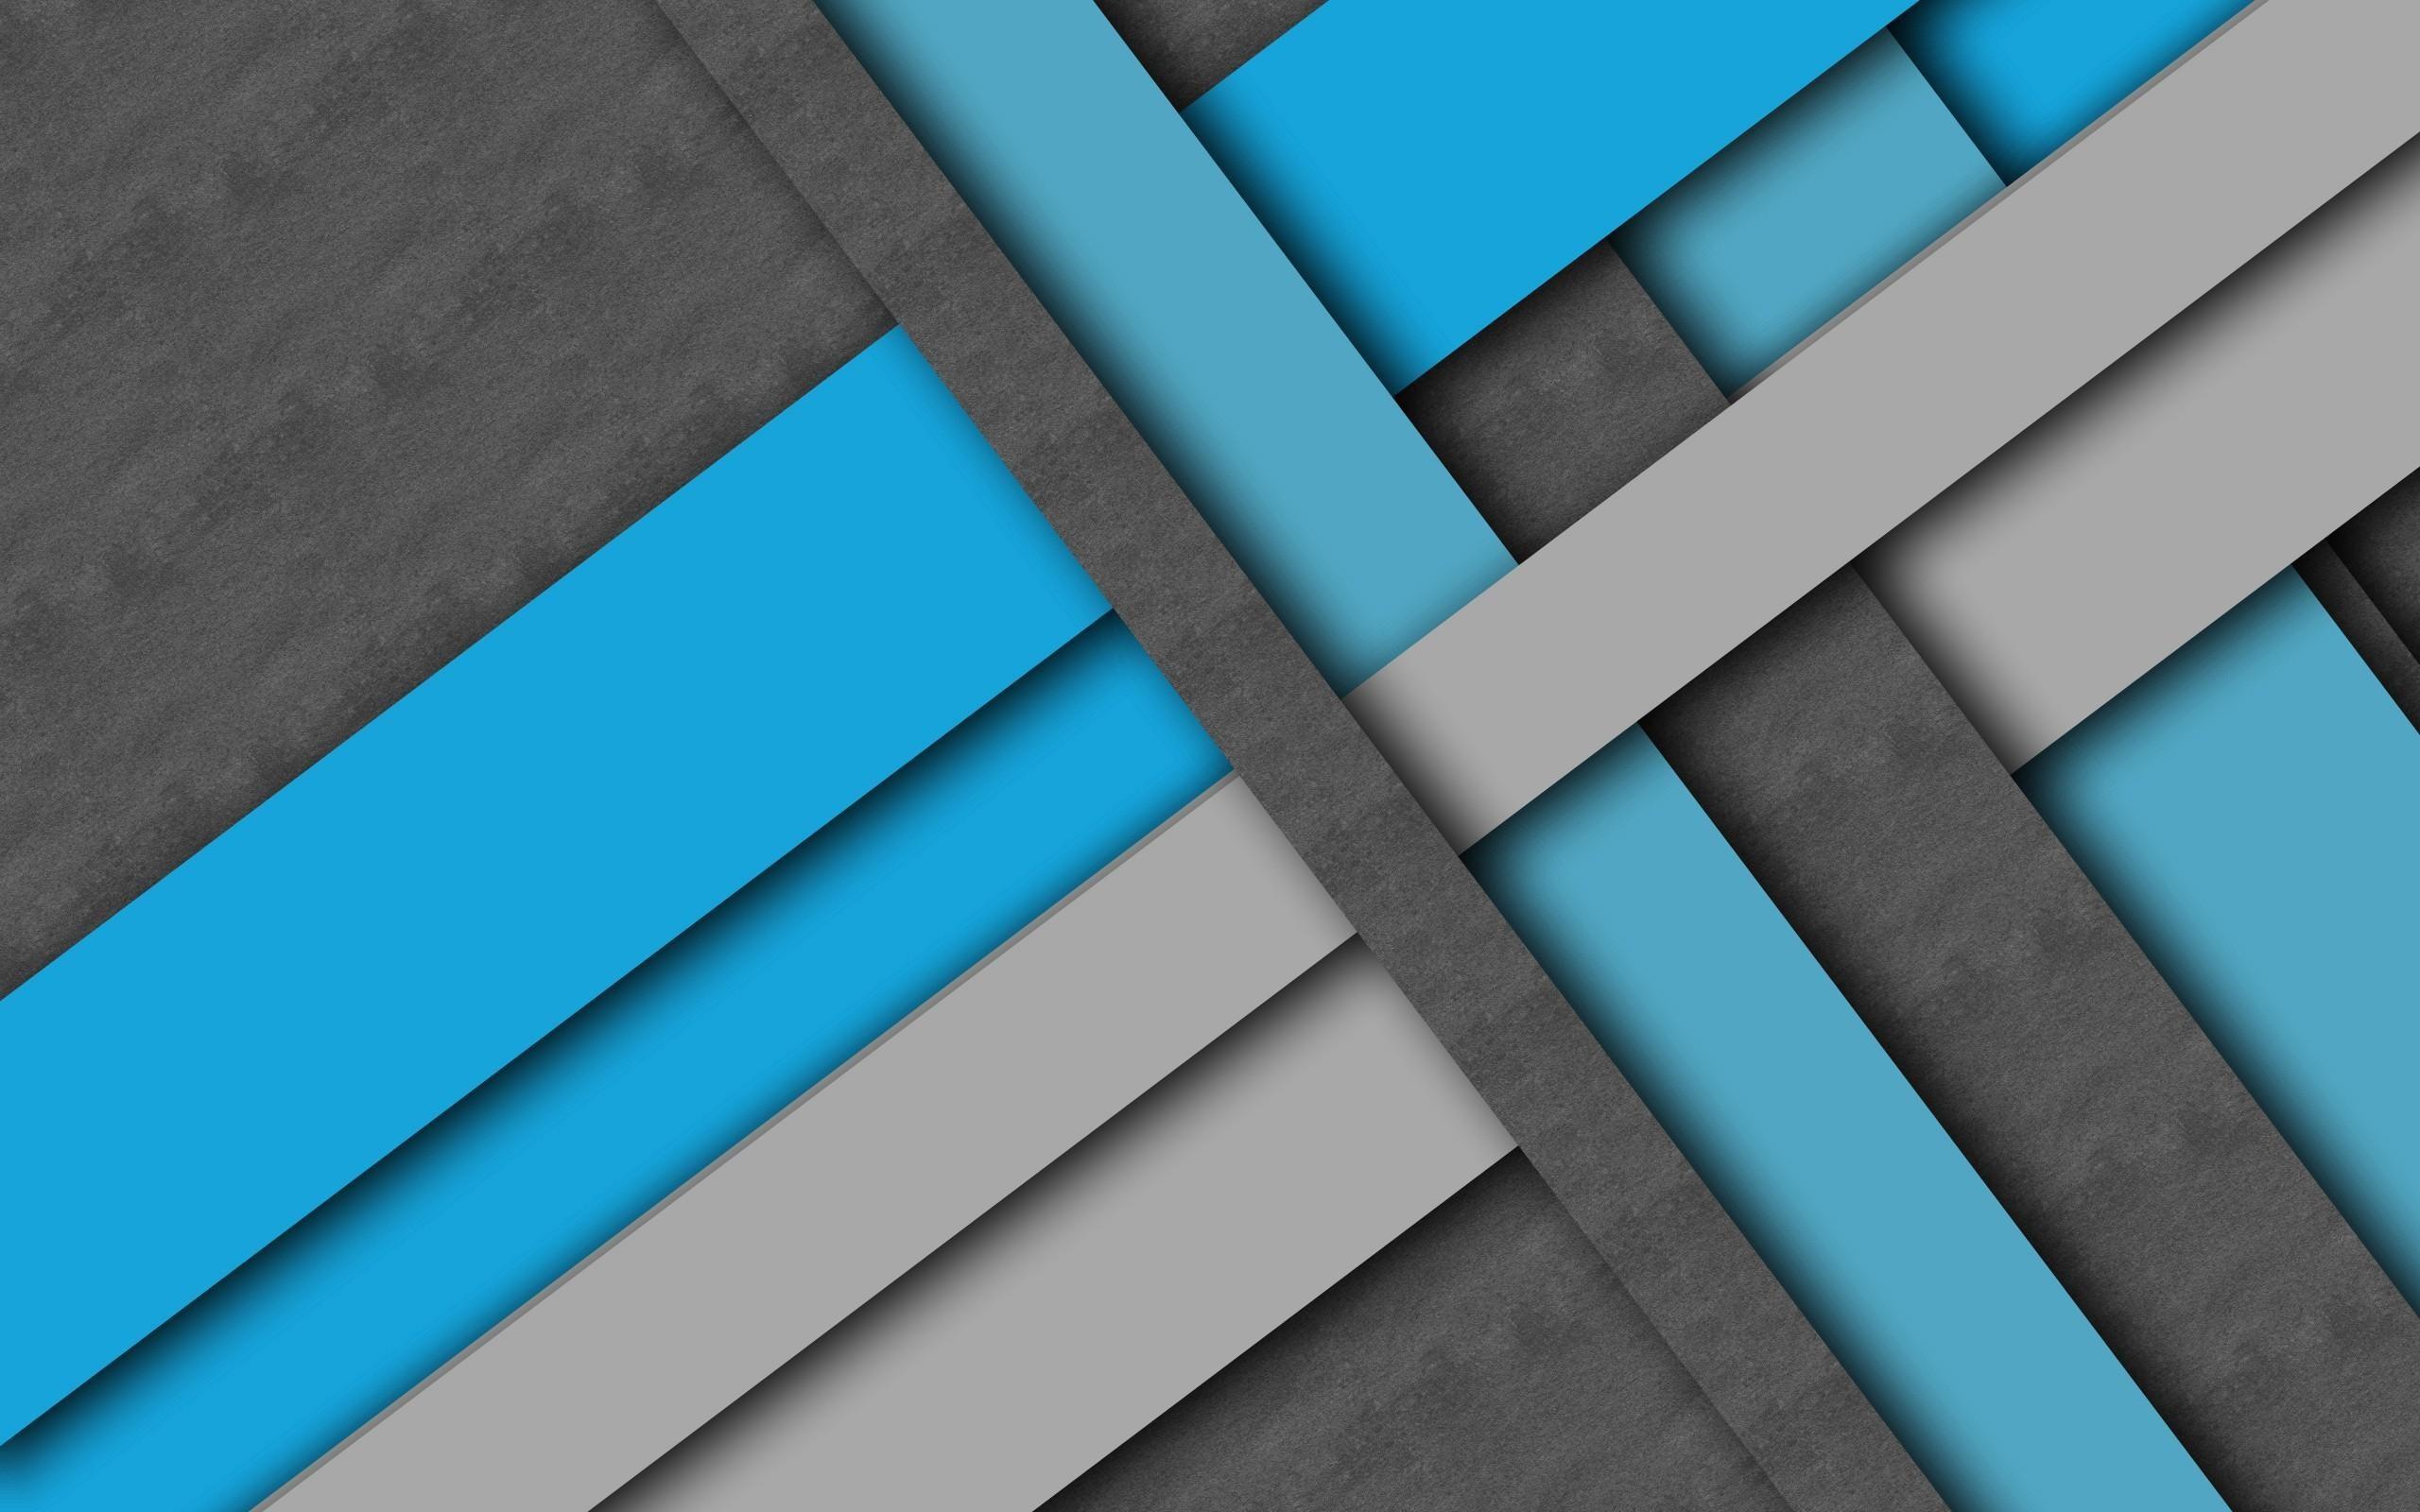 line, shape, texture, blue, gray